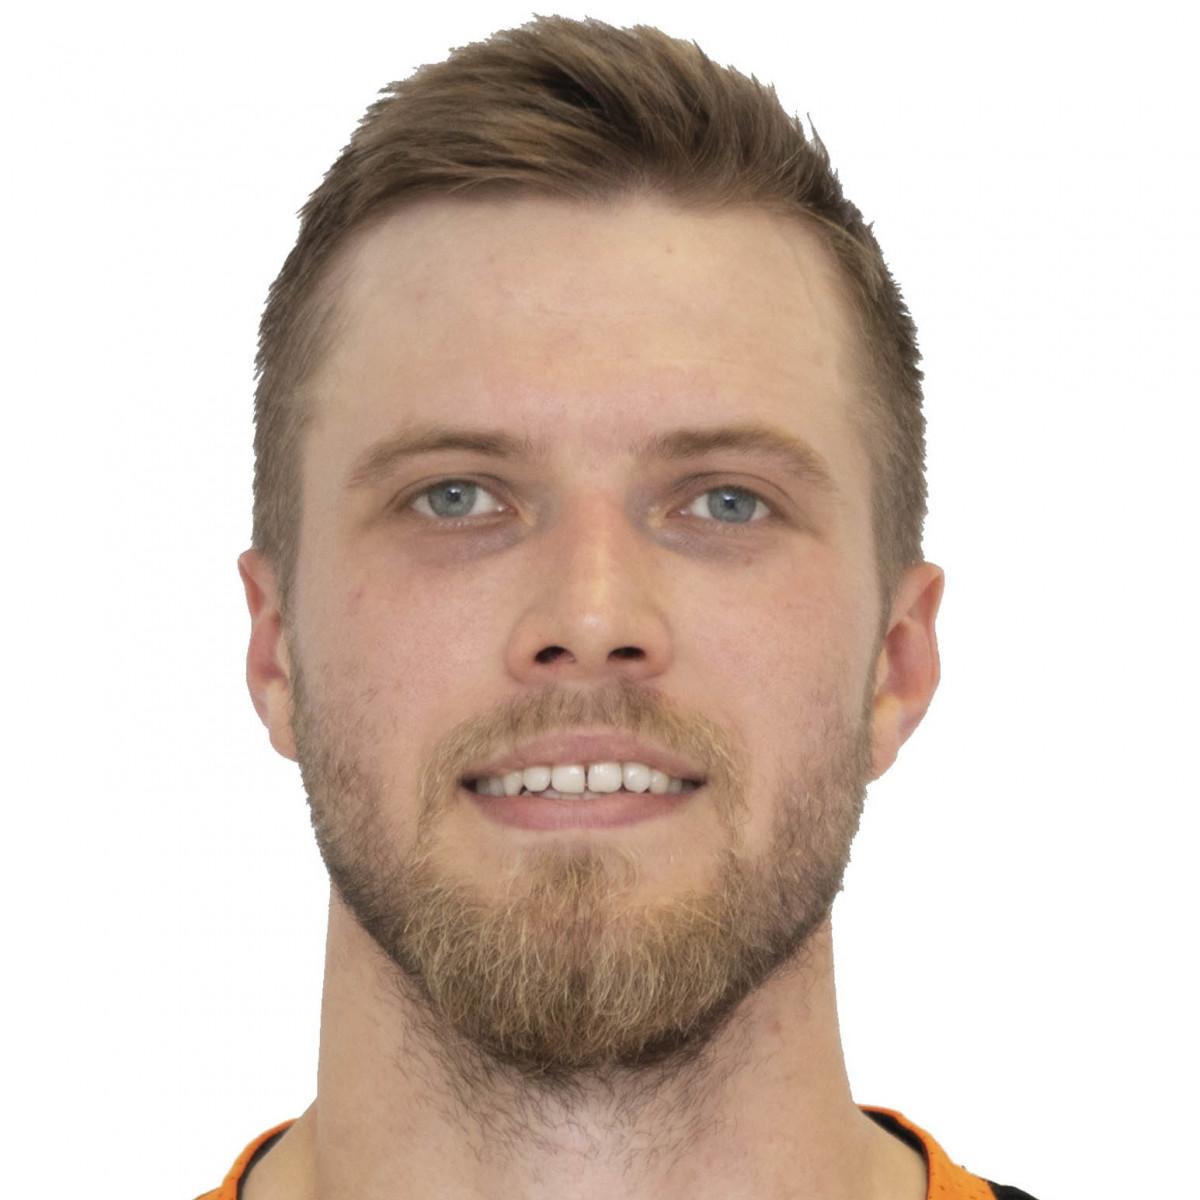 Matti Nuutinen